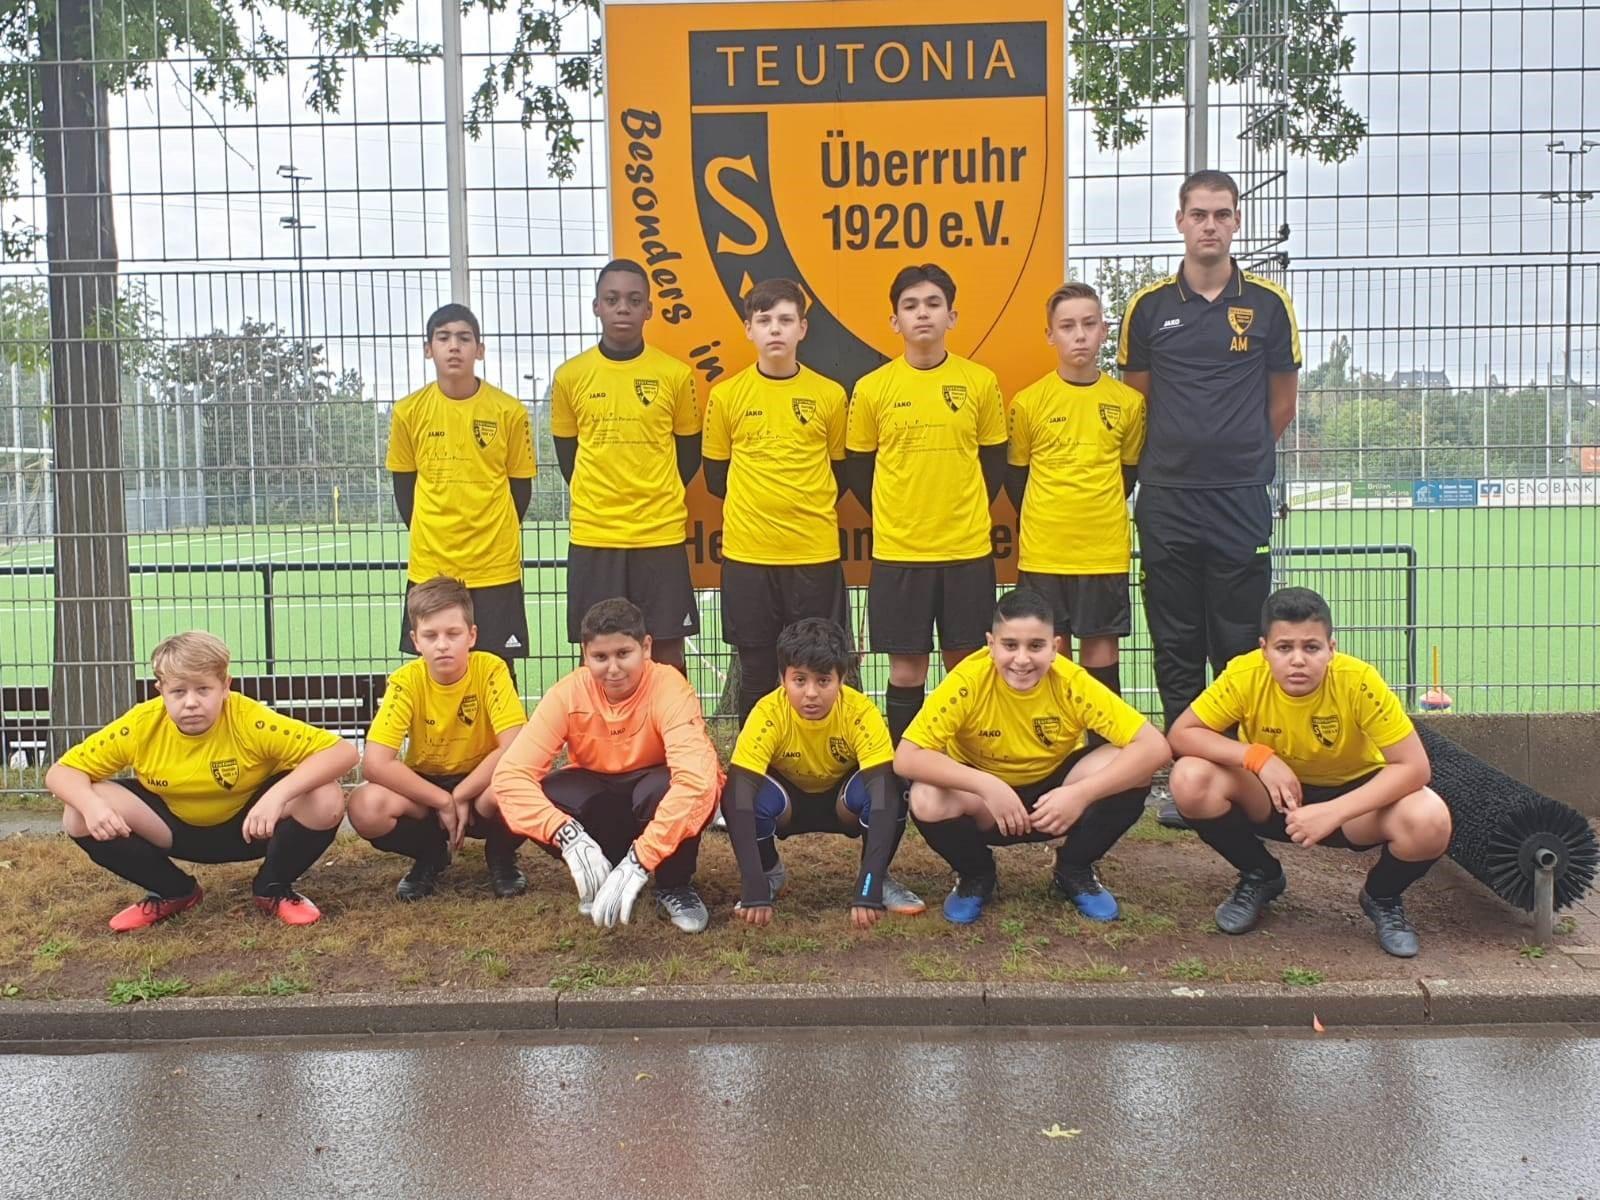 Mannschaftsfoto SV Teutonia Überruhr